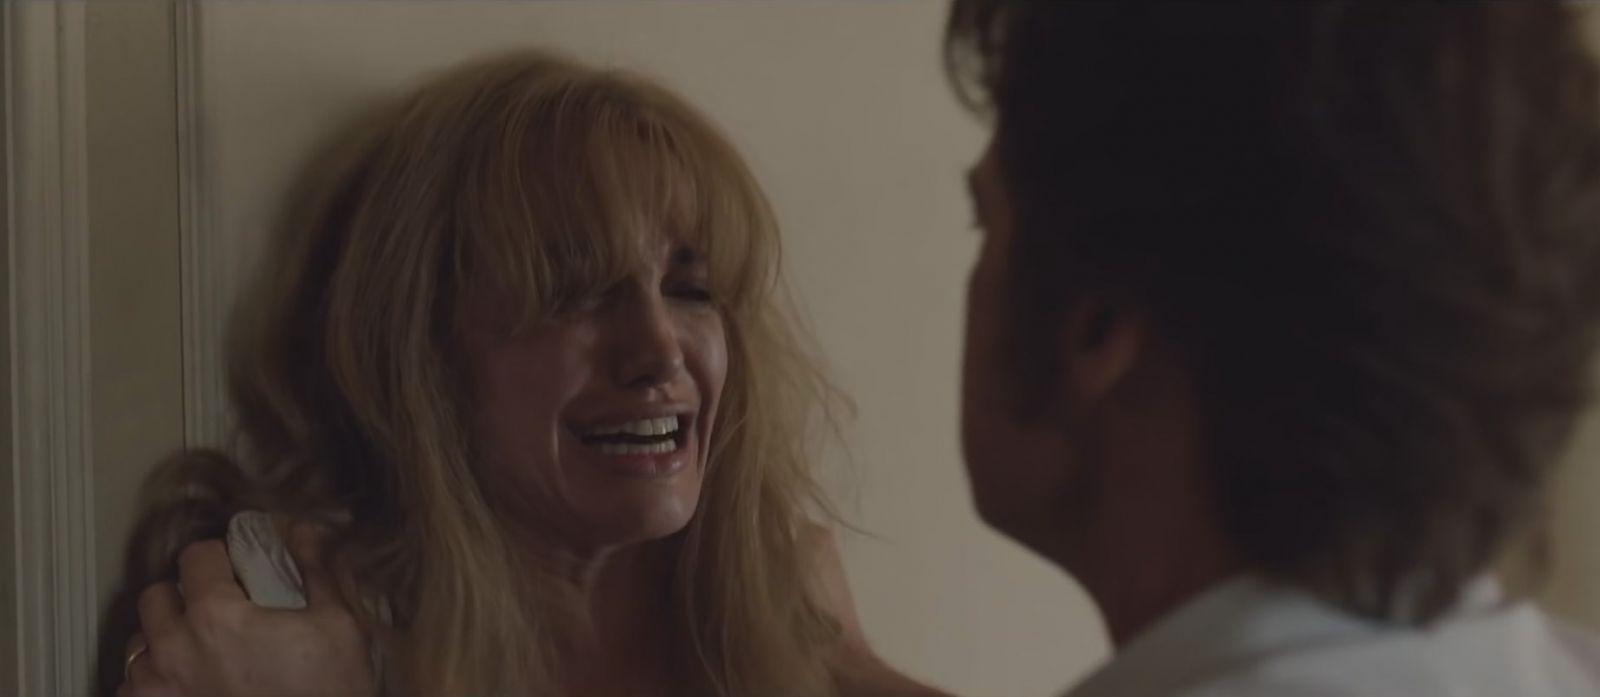 Анджелина Джоли и Брэд Питт демонстрируют чувства в новом эмоциональном трейлере